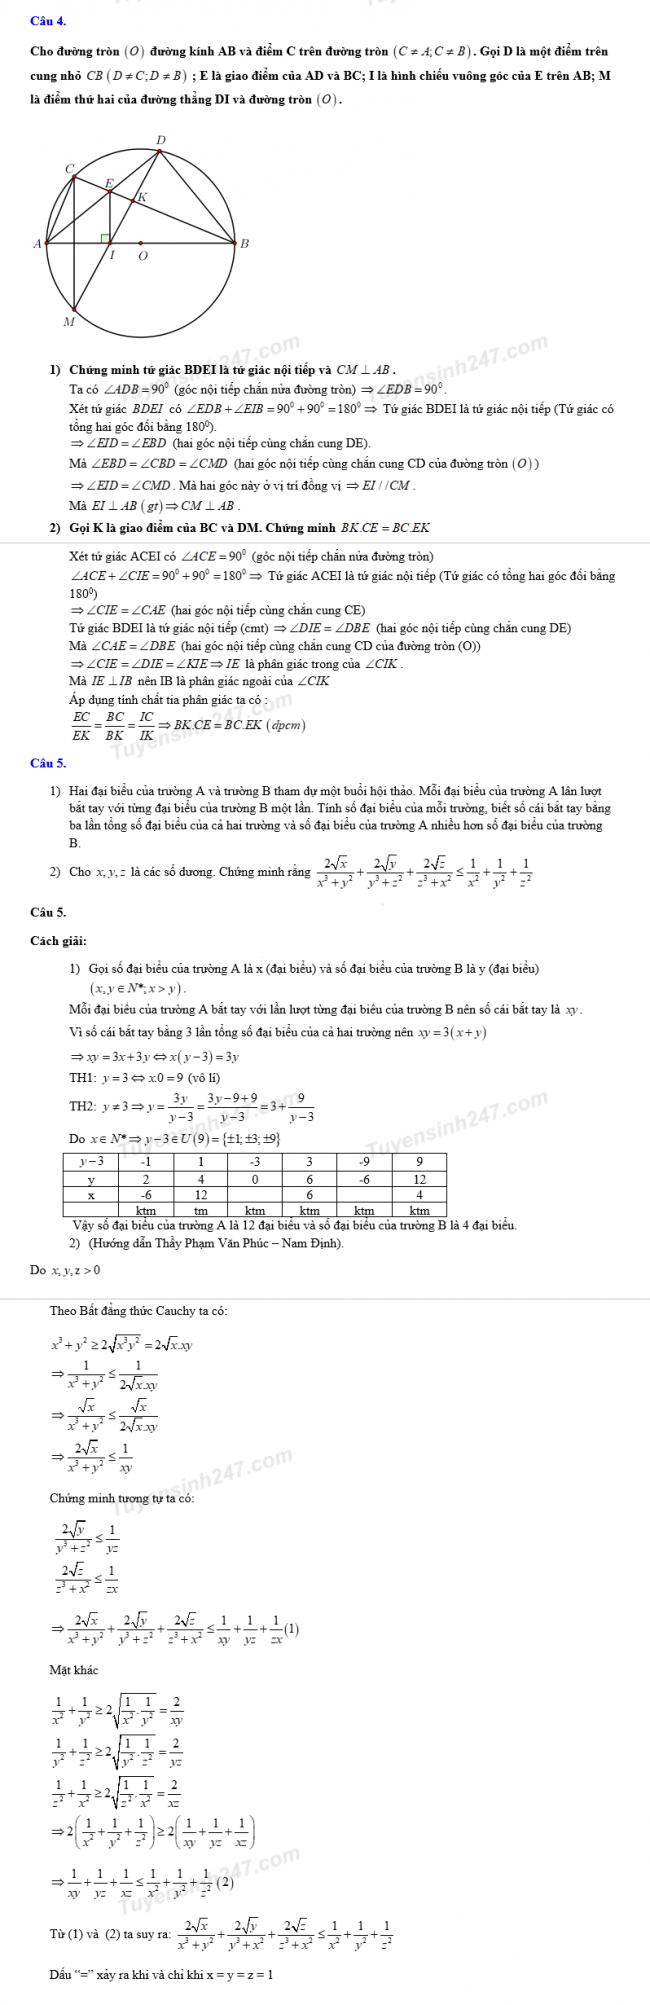 Đáp án câu 4 và câu 5 đề thi môn toán vào lớp 10 tỉnh Nam Định 2018